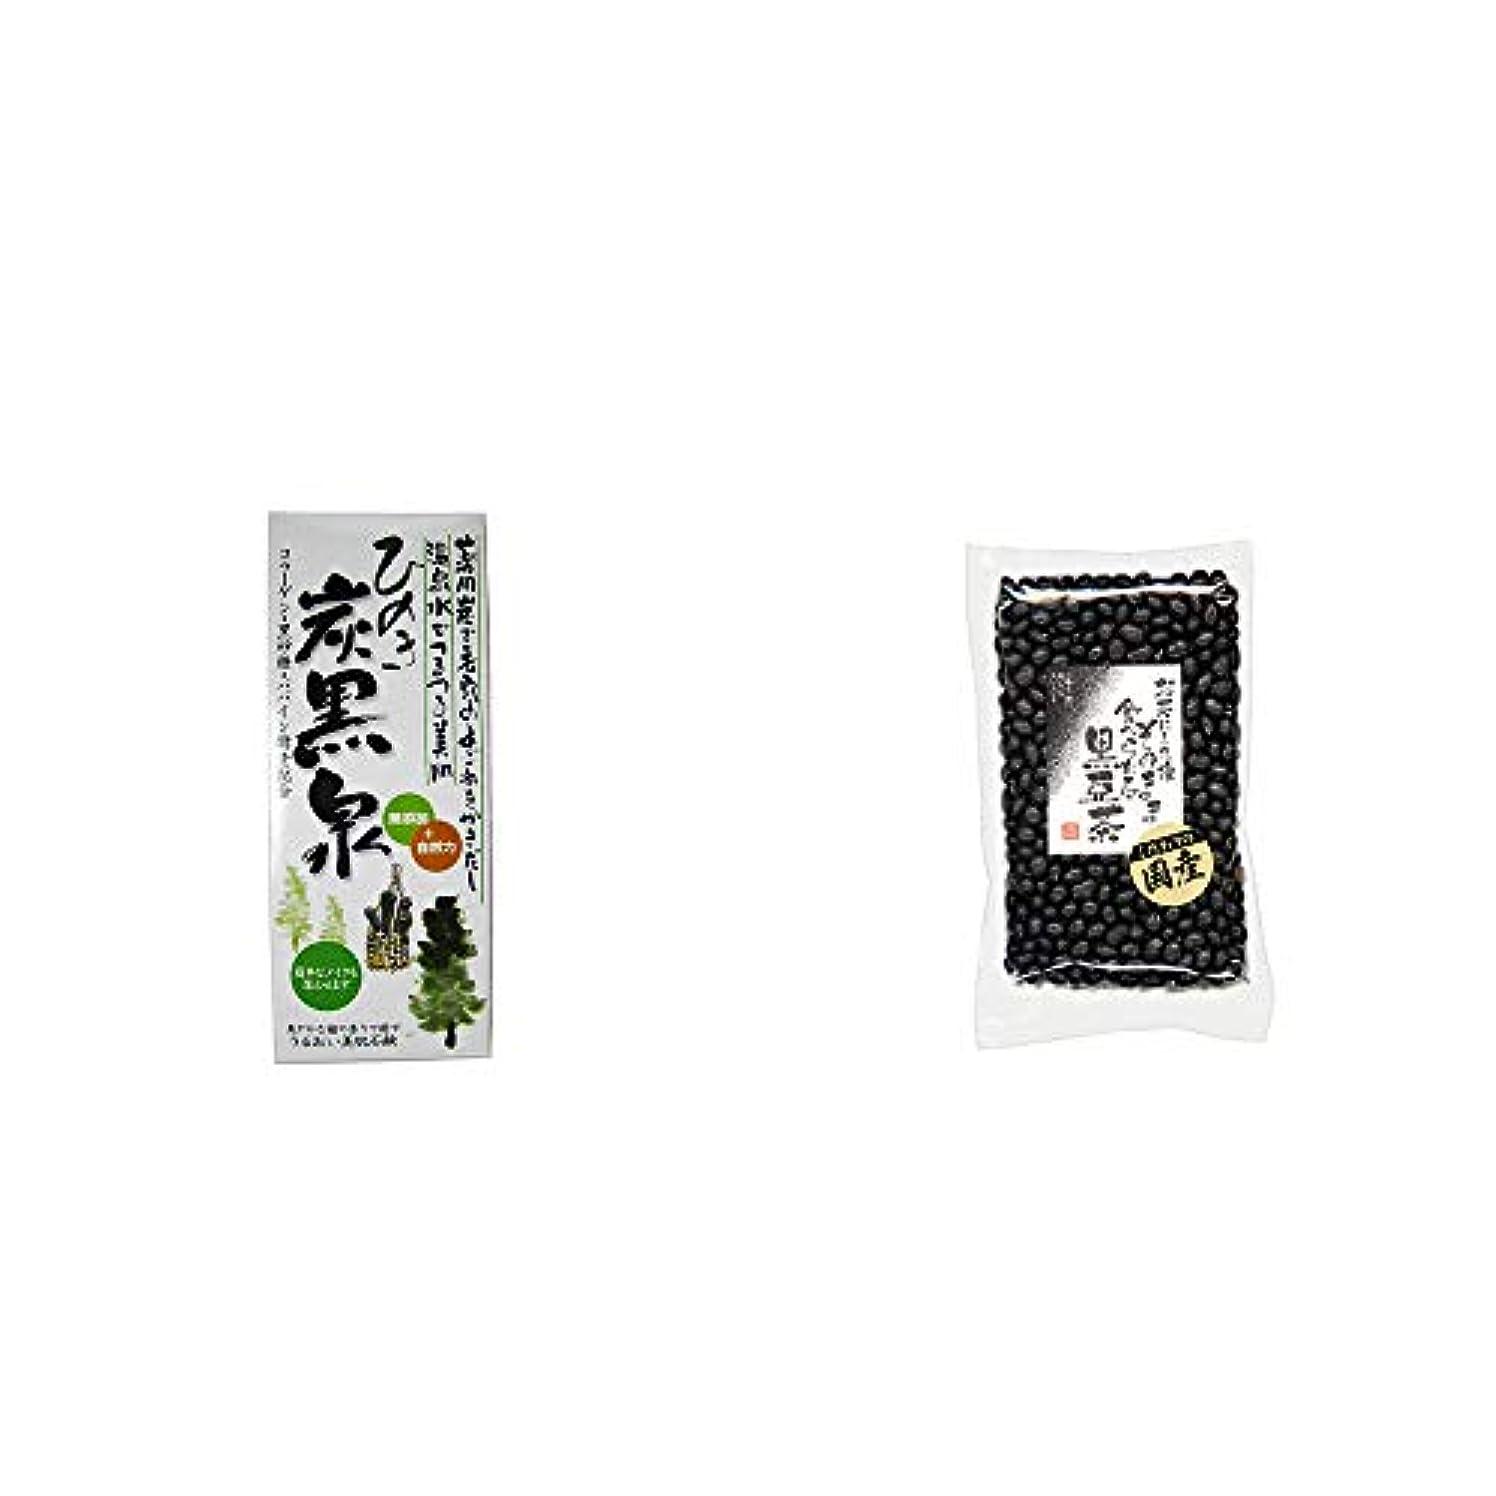 農業ヘアドリンク[2点セット] ひのき炭黒泉 箱入り(75g×3)?国産 黒豆茶(200g)